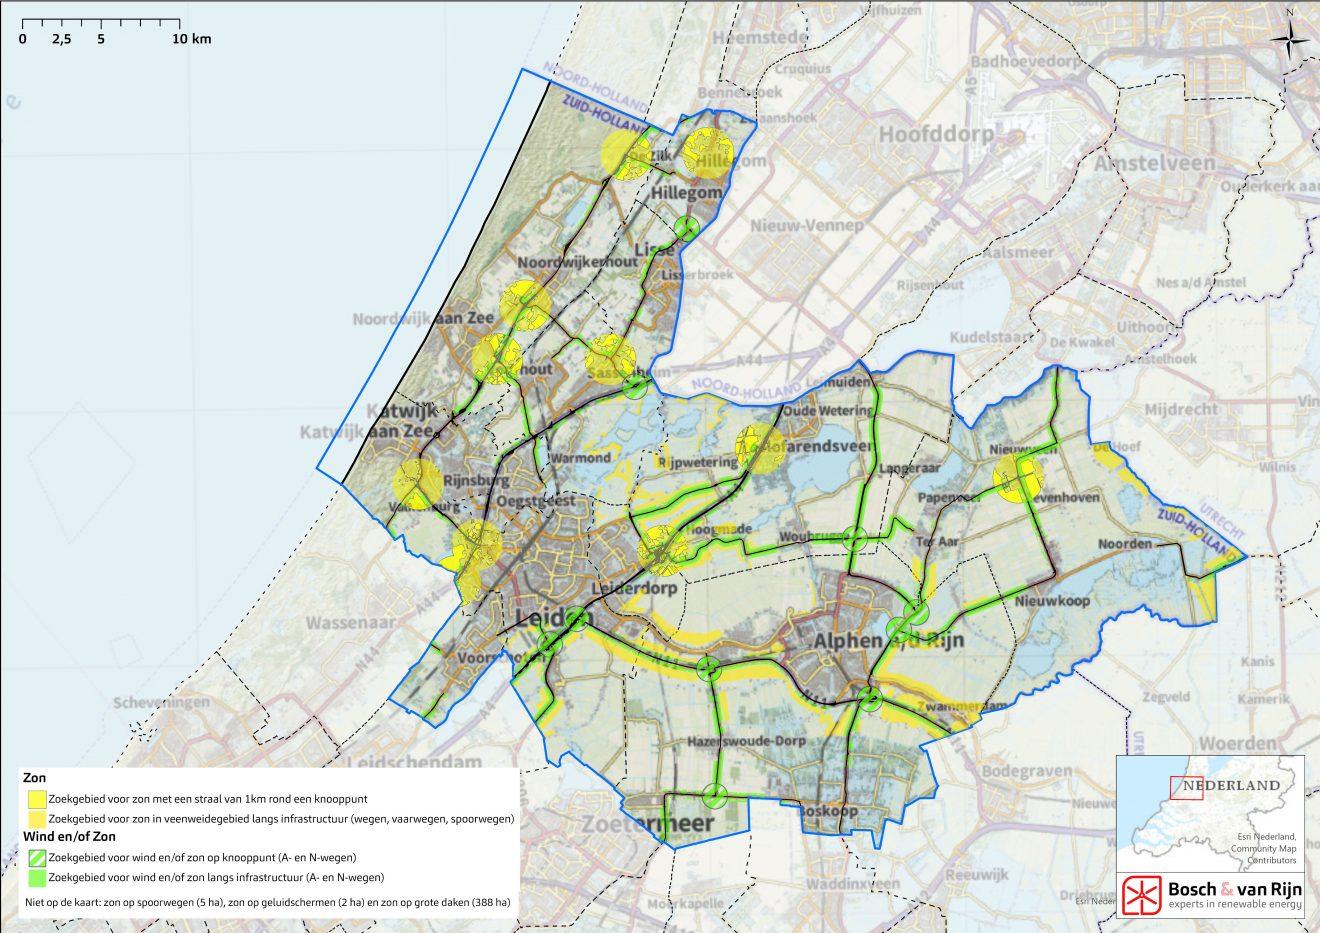 Holland Rijnland presenteert Kaart voor wind- en zonne-energie